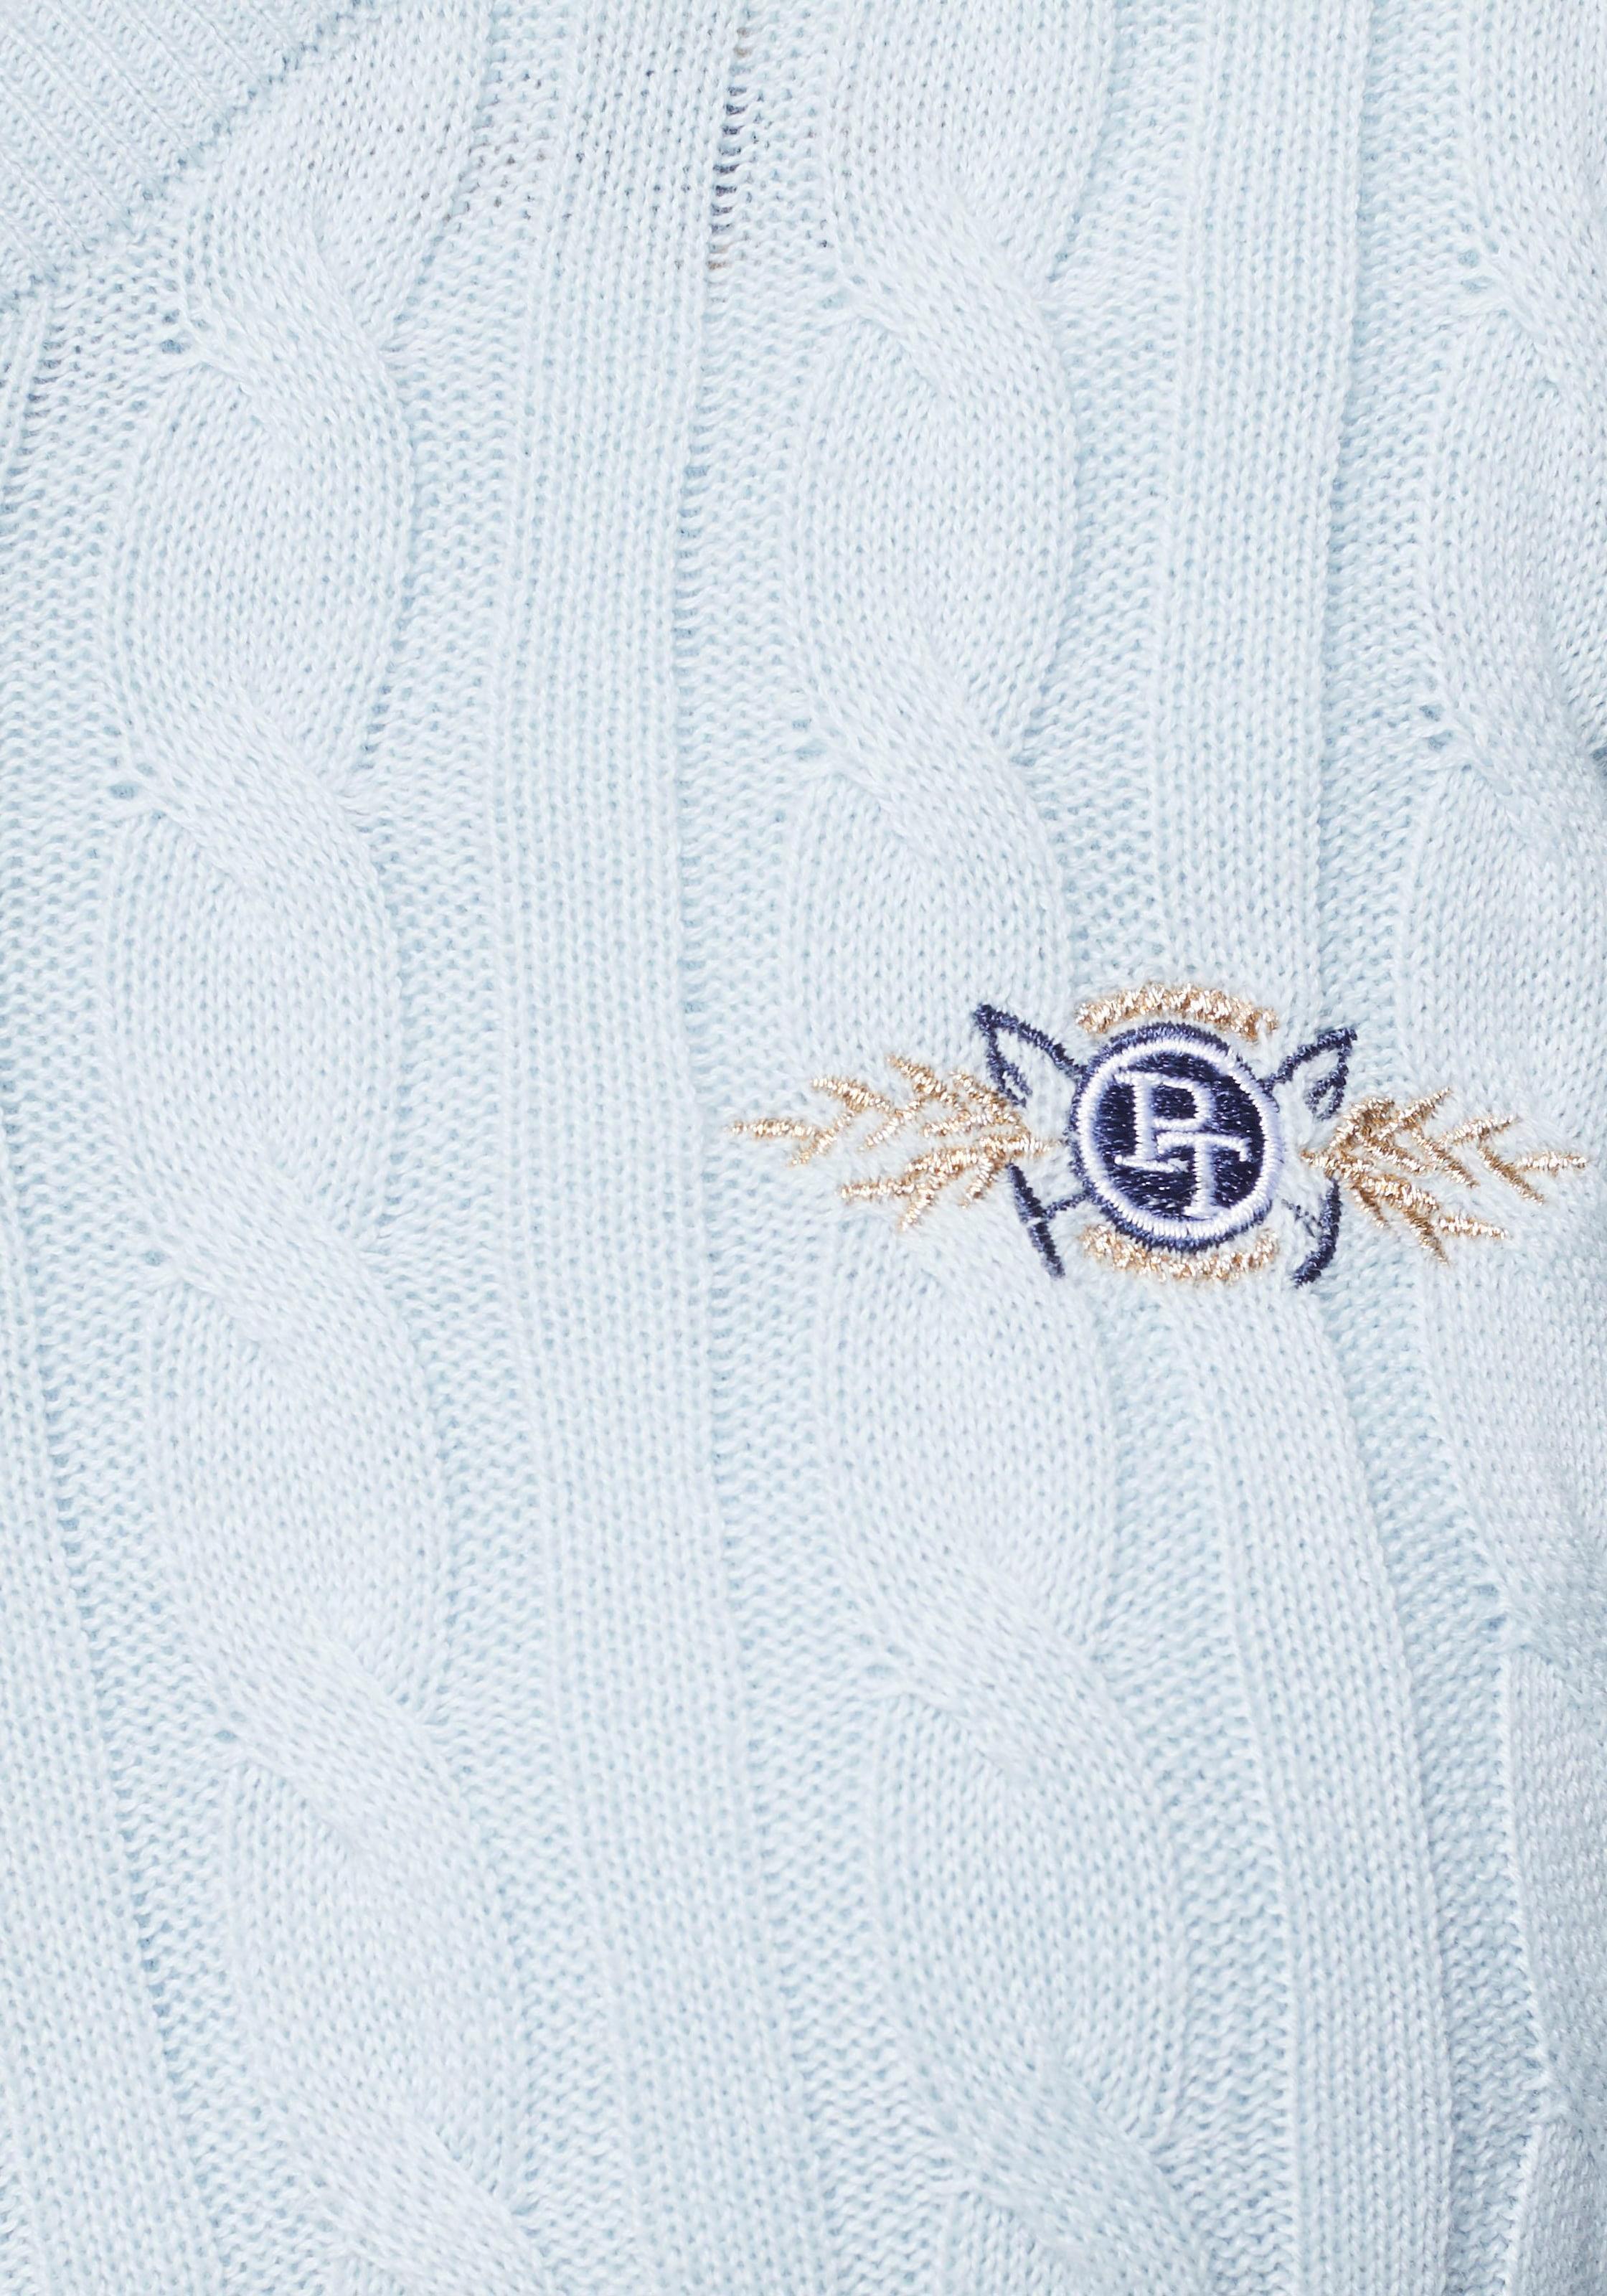 tom tailor polo team vausschnittpullover Klassischer Zopfstrick Pullover von Tom Tailor Polo Team AKLBB690566717